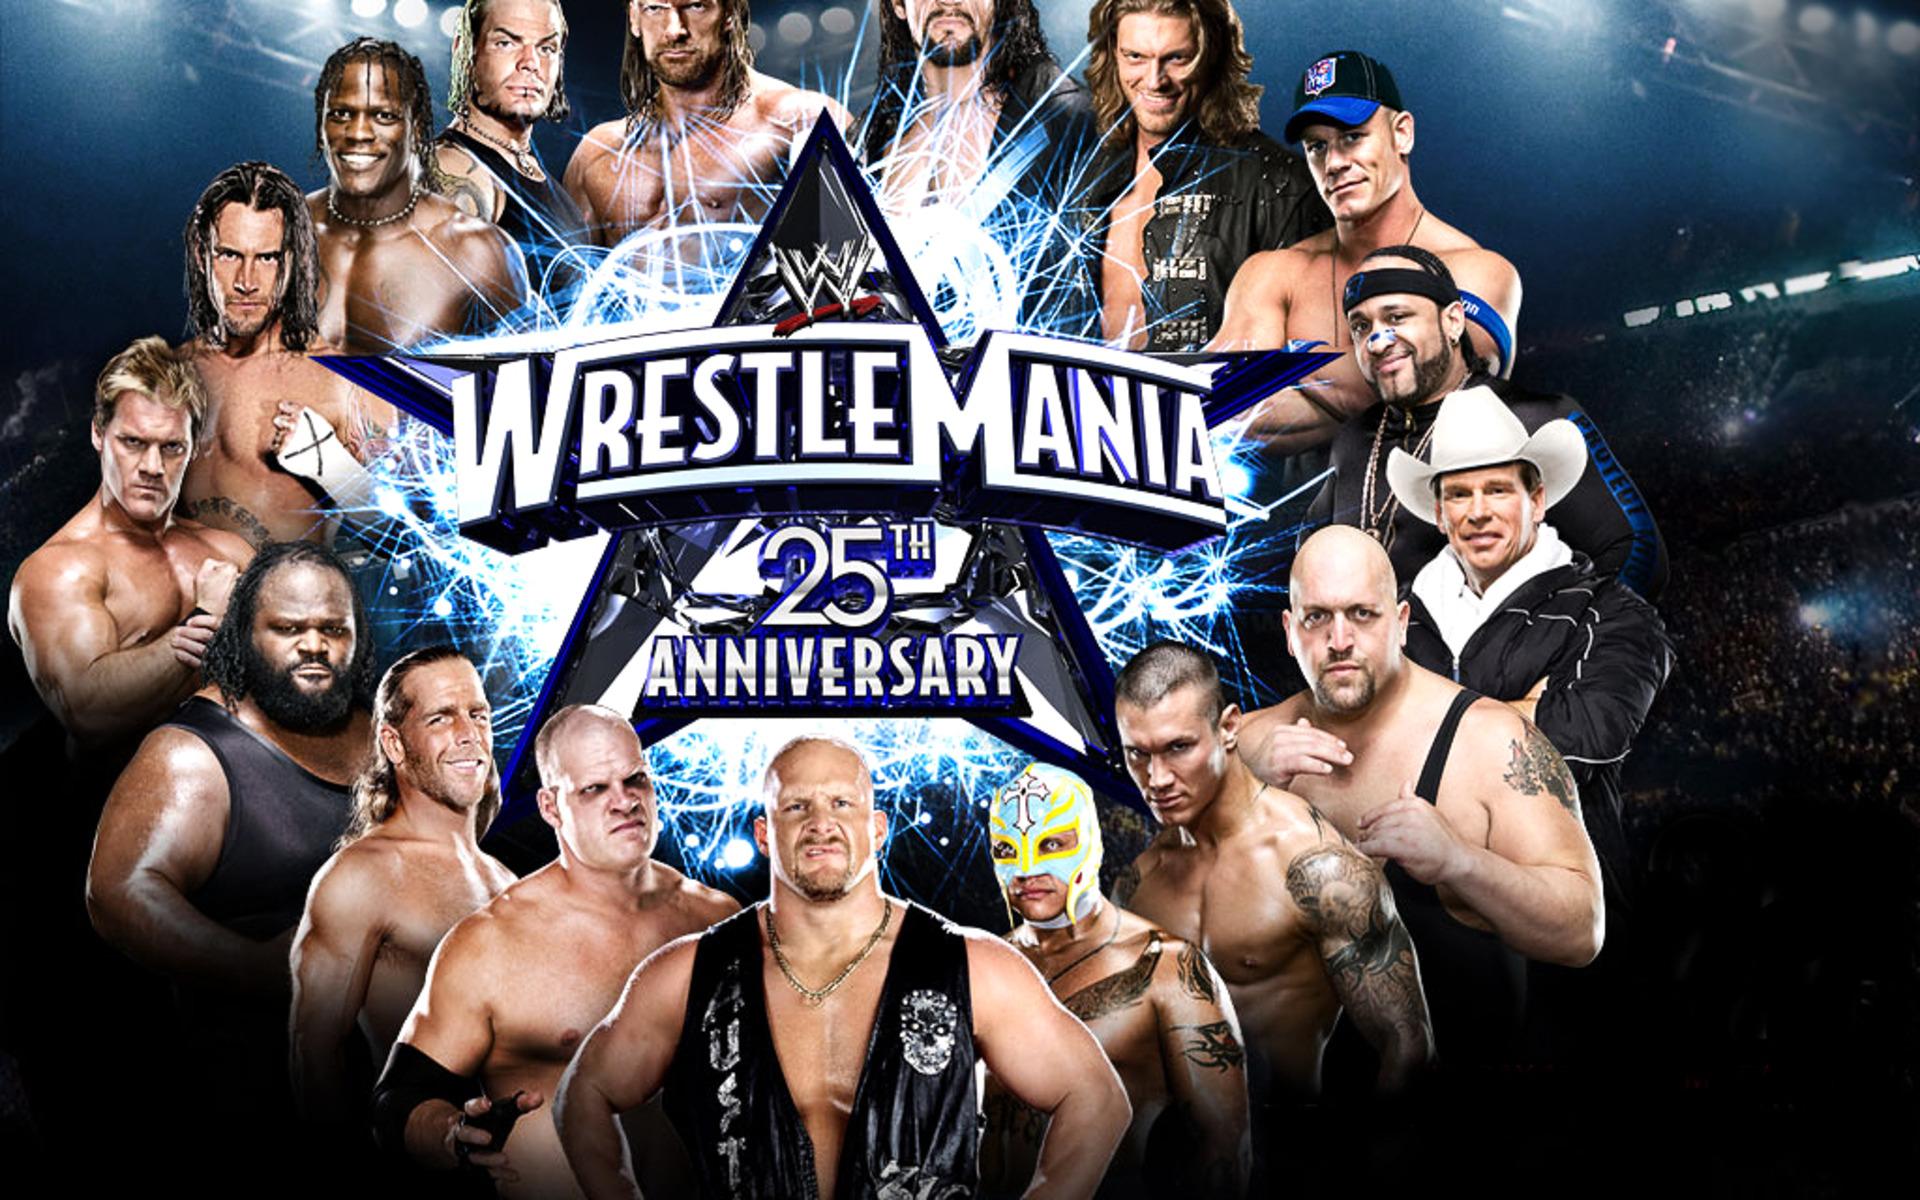 WWE Wrestling Wrestle Mania 1920x1200 WIDE Wrestling WWE 1920x1200